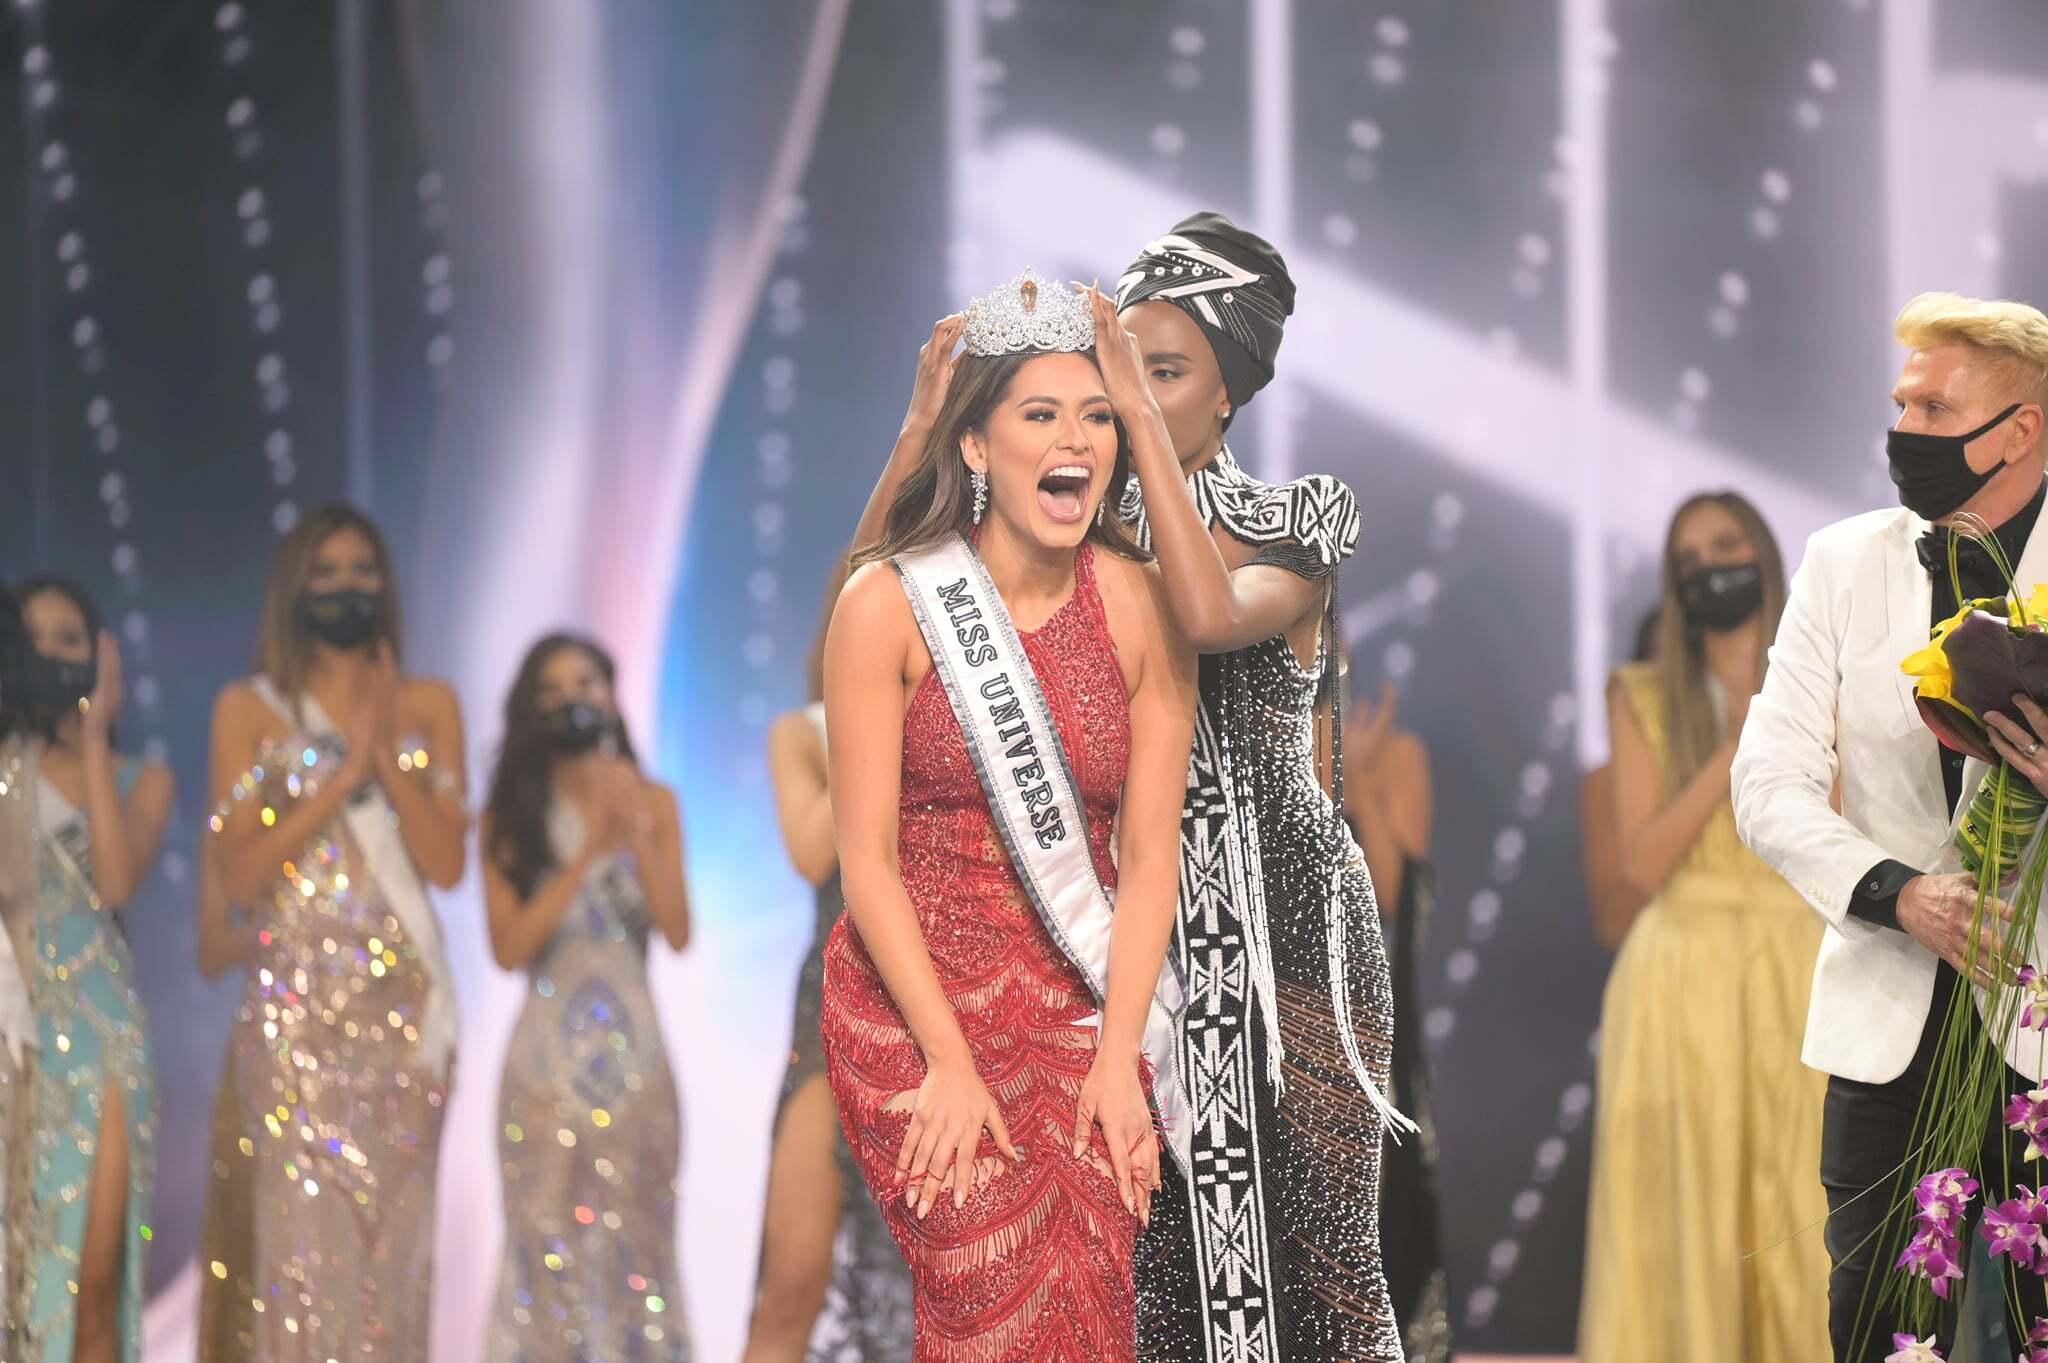 मिस मैक्सिको एंड्रिया मेजा ने जीता मिस यूनिवर्स 2020 का खिताब